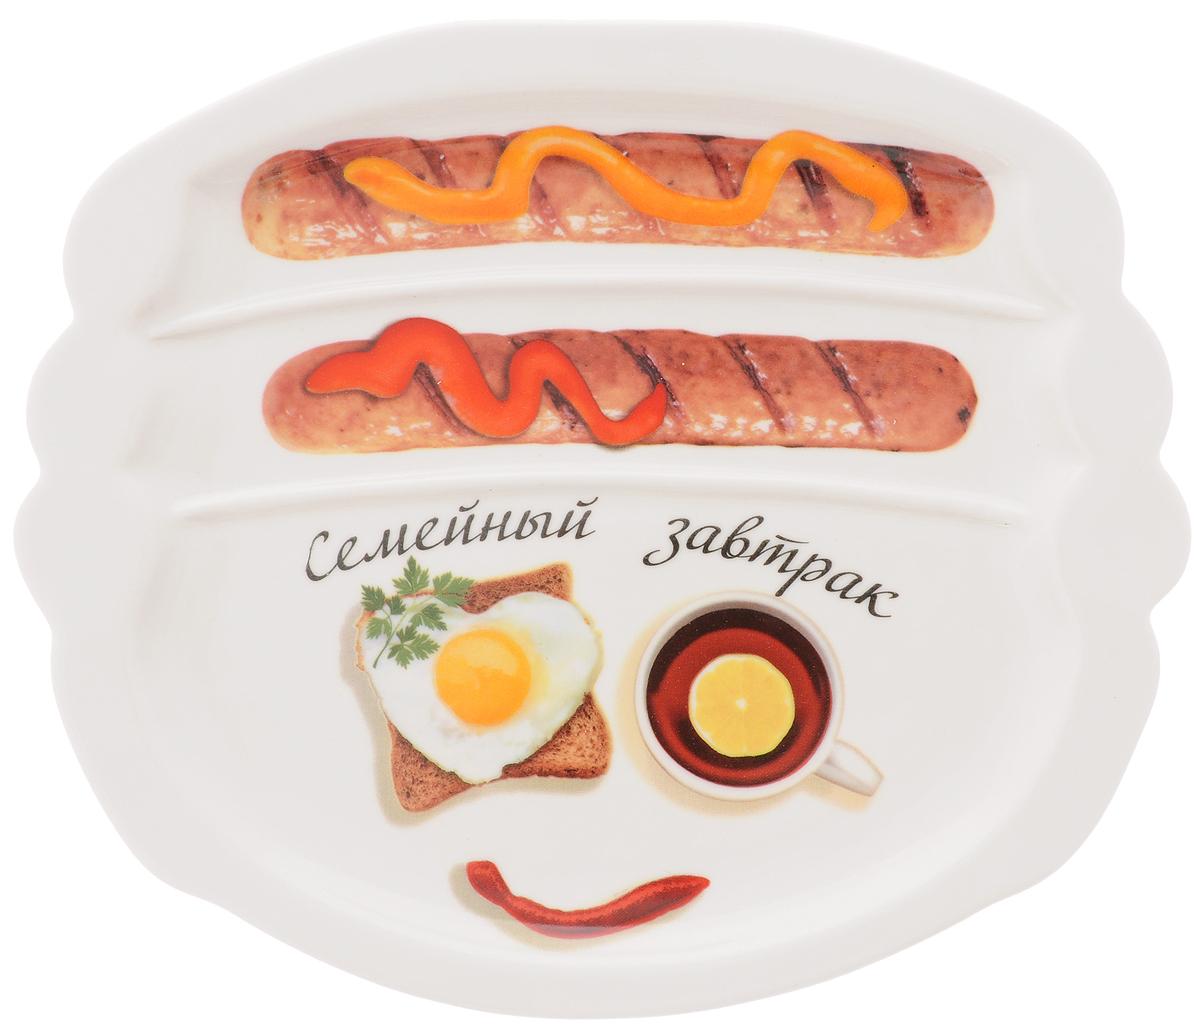 Тарелка для завтрака LarangE Семейный завтрак. Бодрящий, 22,5 х 19 х 1,5 см54 009312Тарелка для завтрака LarangE Семейный завтрак. Бодрящий изготовлена из высококачественной керамики и украшена с изображением еды. Тарелка имеет три отделения: 2 маленьких отделения для сосисок и одно большое отделение для яичницы или другого блюда. Можно использовать в СВЧ печах, духовом шкафу и холодильнике. Не применять абразивные чистящие вещества.Размер тарелки: 22,5 х 19 см. Высота тарелки: 1,5 см.